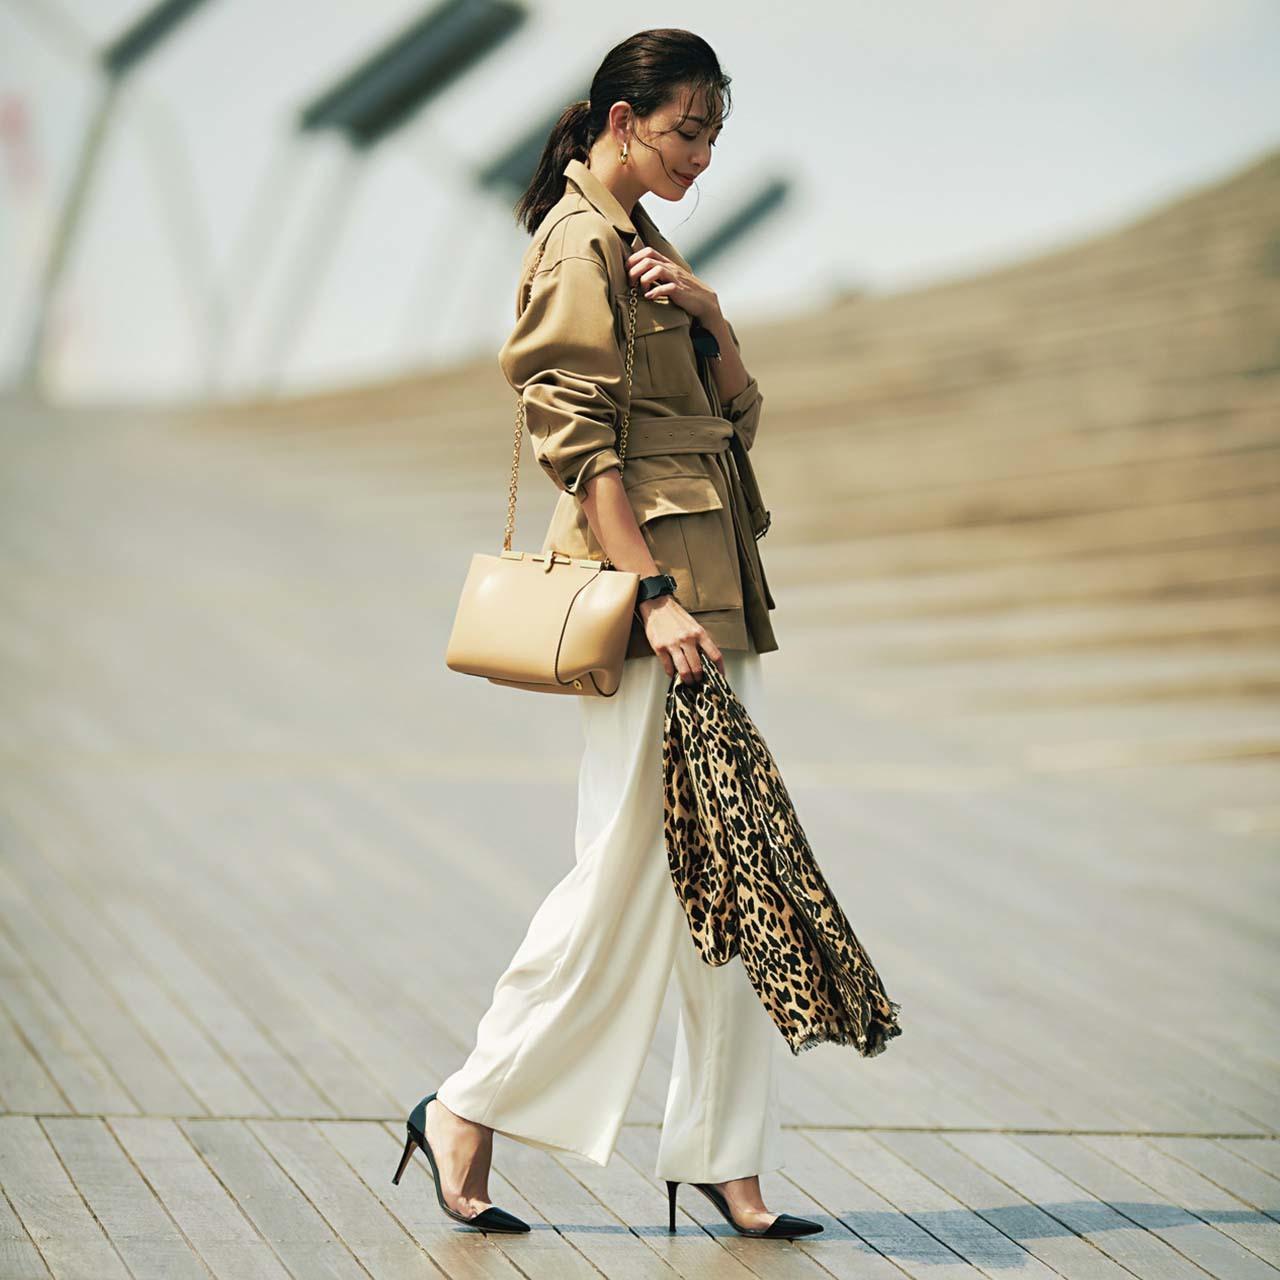 ベージュのサファリジャケット×白パンツ×黒パンプスコーデを着たモデルのRINAさん